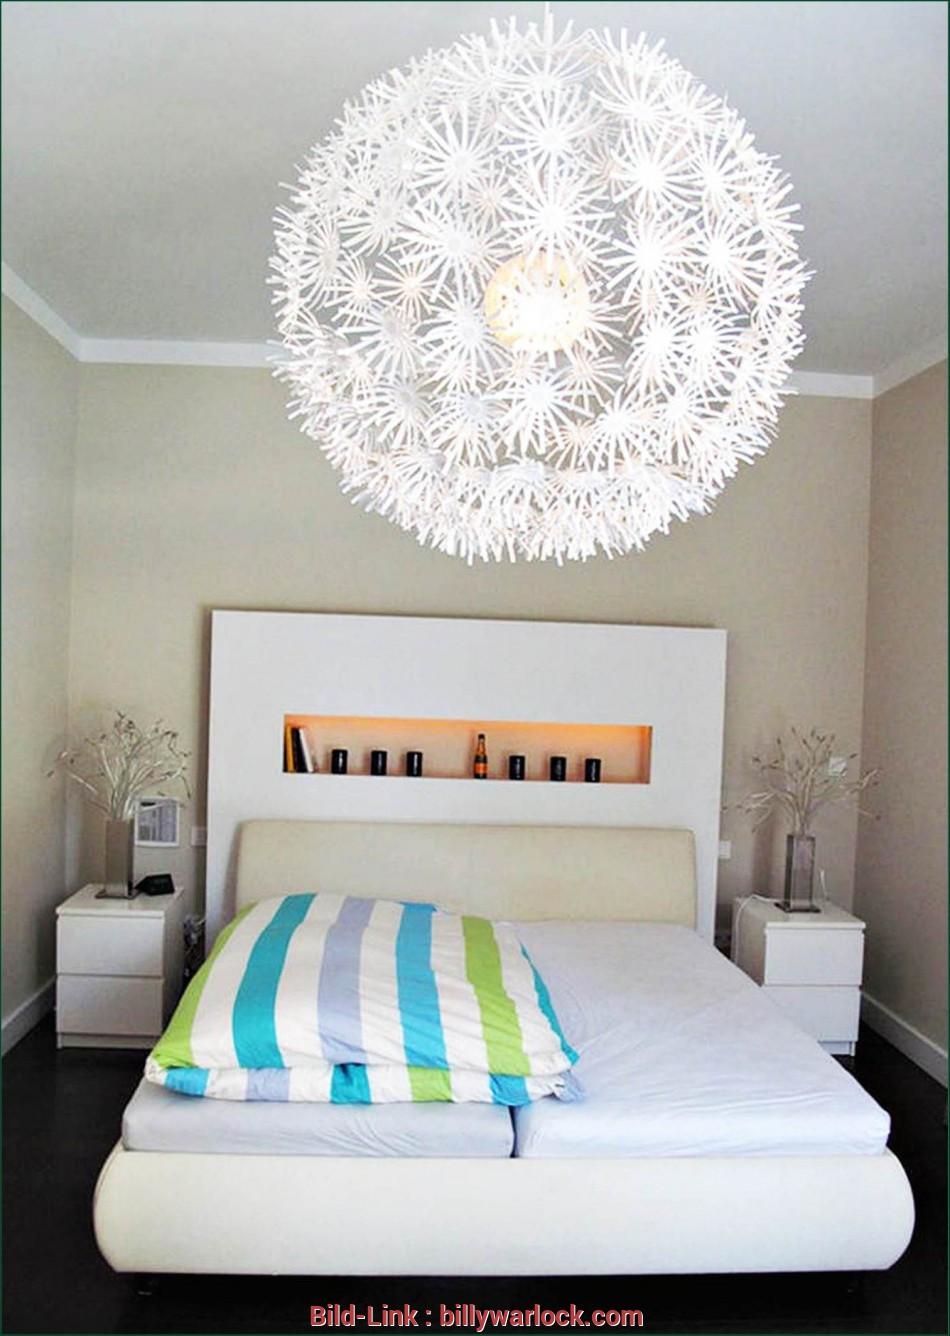 Full Size of Deckenlampe Schlafzimmer Led Deckenleuchte Modern Skandinavisch Dimmbar Pinterest Ikea Deckenlampen Design Lampe E27 Herrlich Set Weiß Schränke Mit Matratze Schlafzimmer Deckenlampe Schlafzimmer